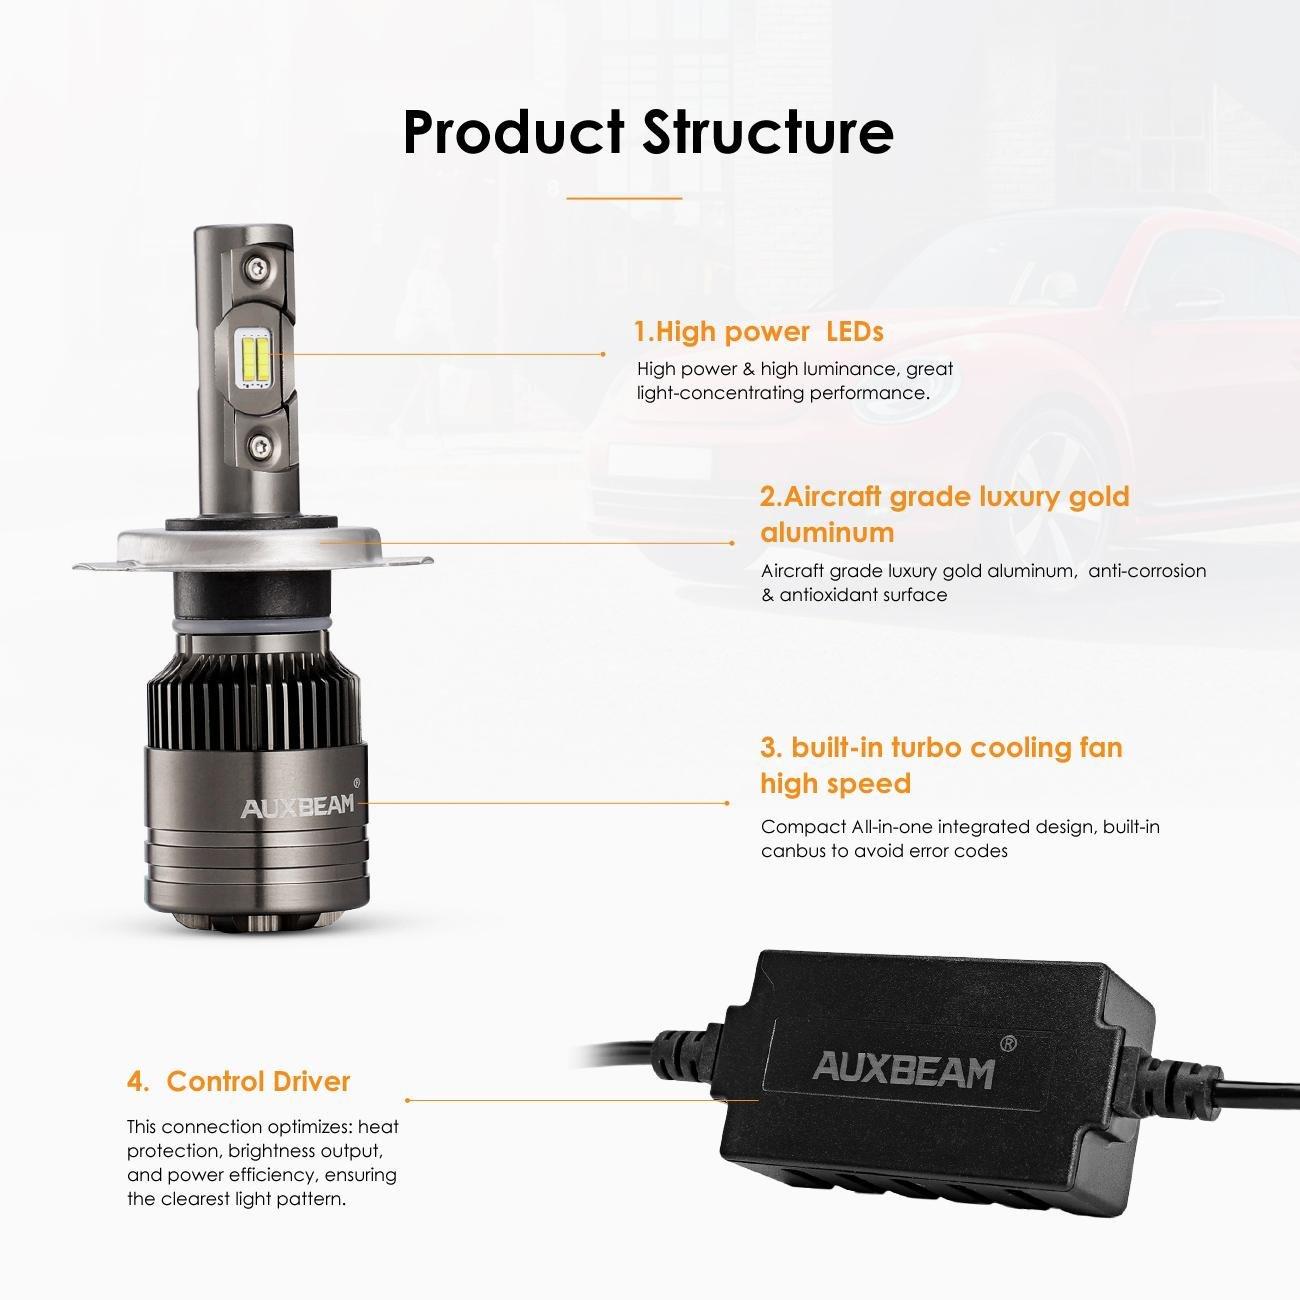 auxbeam H4 Hi/Lo LED Faro Bombillas H4 Lámpara 8000 Lumens 70 W 9 - 32 V 6500 K Blanco Super claro Auto Kit Faro para Halógena de Repuesto & HID lámpara ...